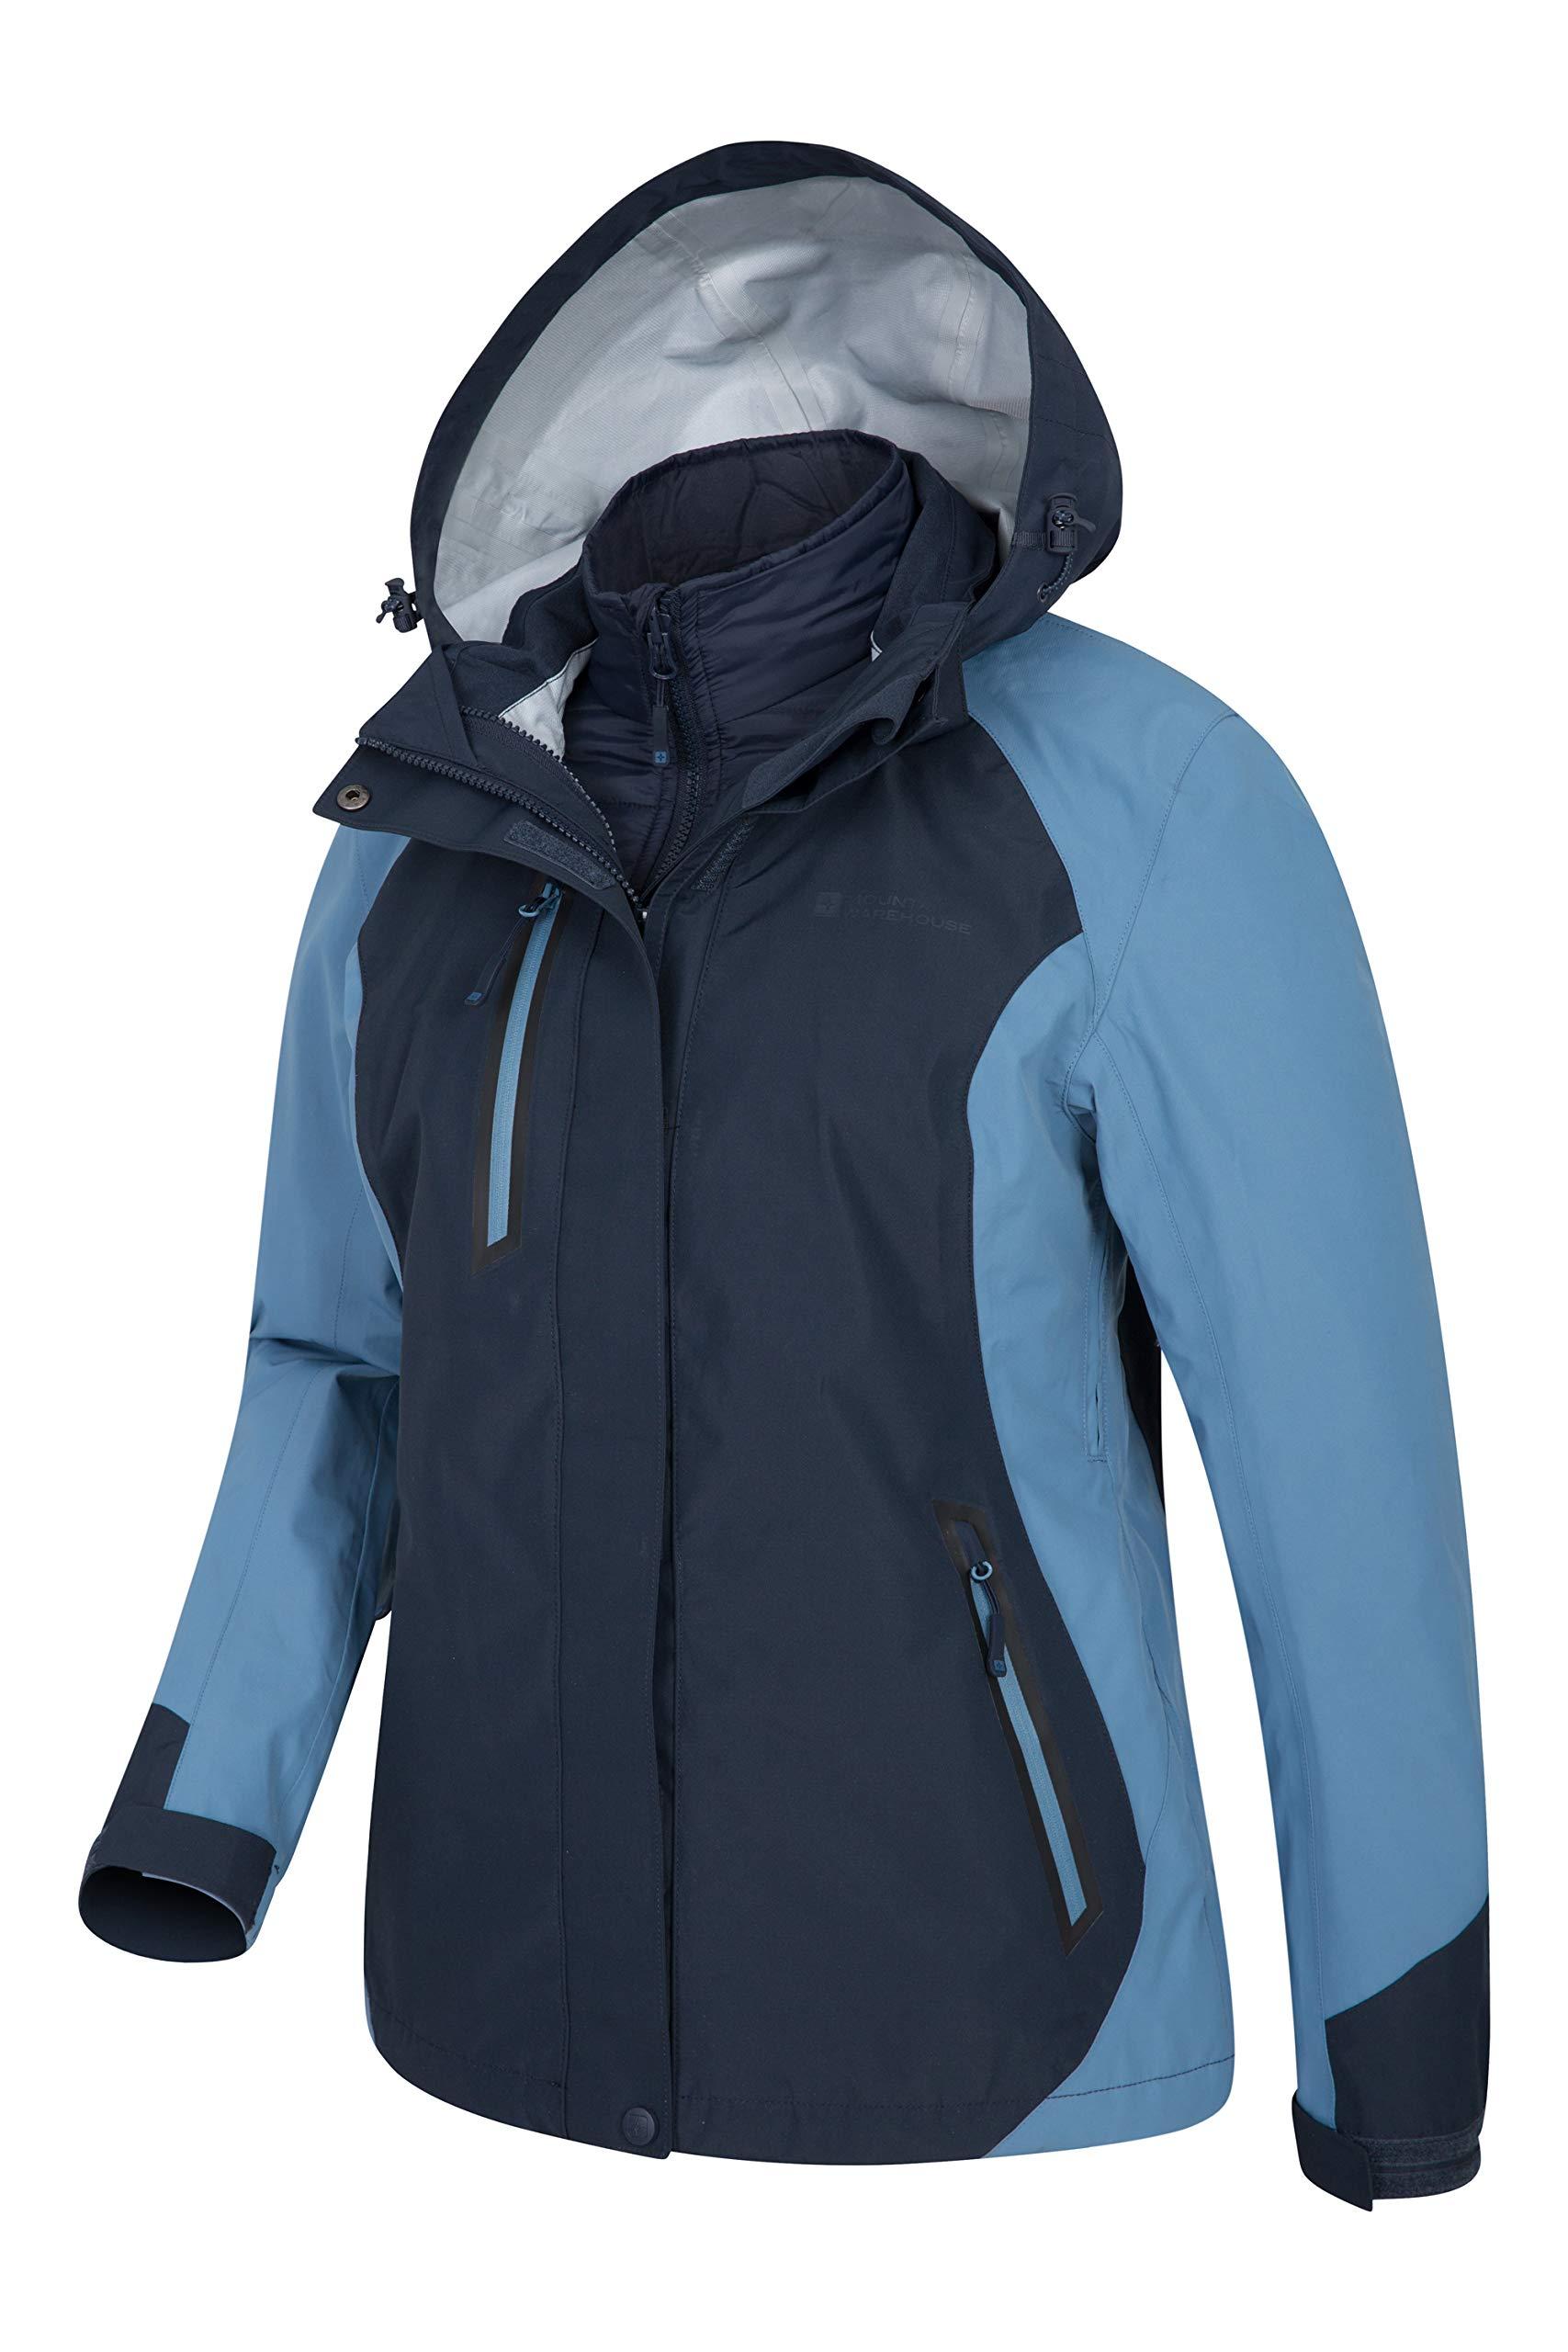 Mountain Warehouse Zenith Womens 3 in 1 Padded Jacket - Waterproof  Raincoat 60d3a15f04ef